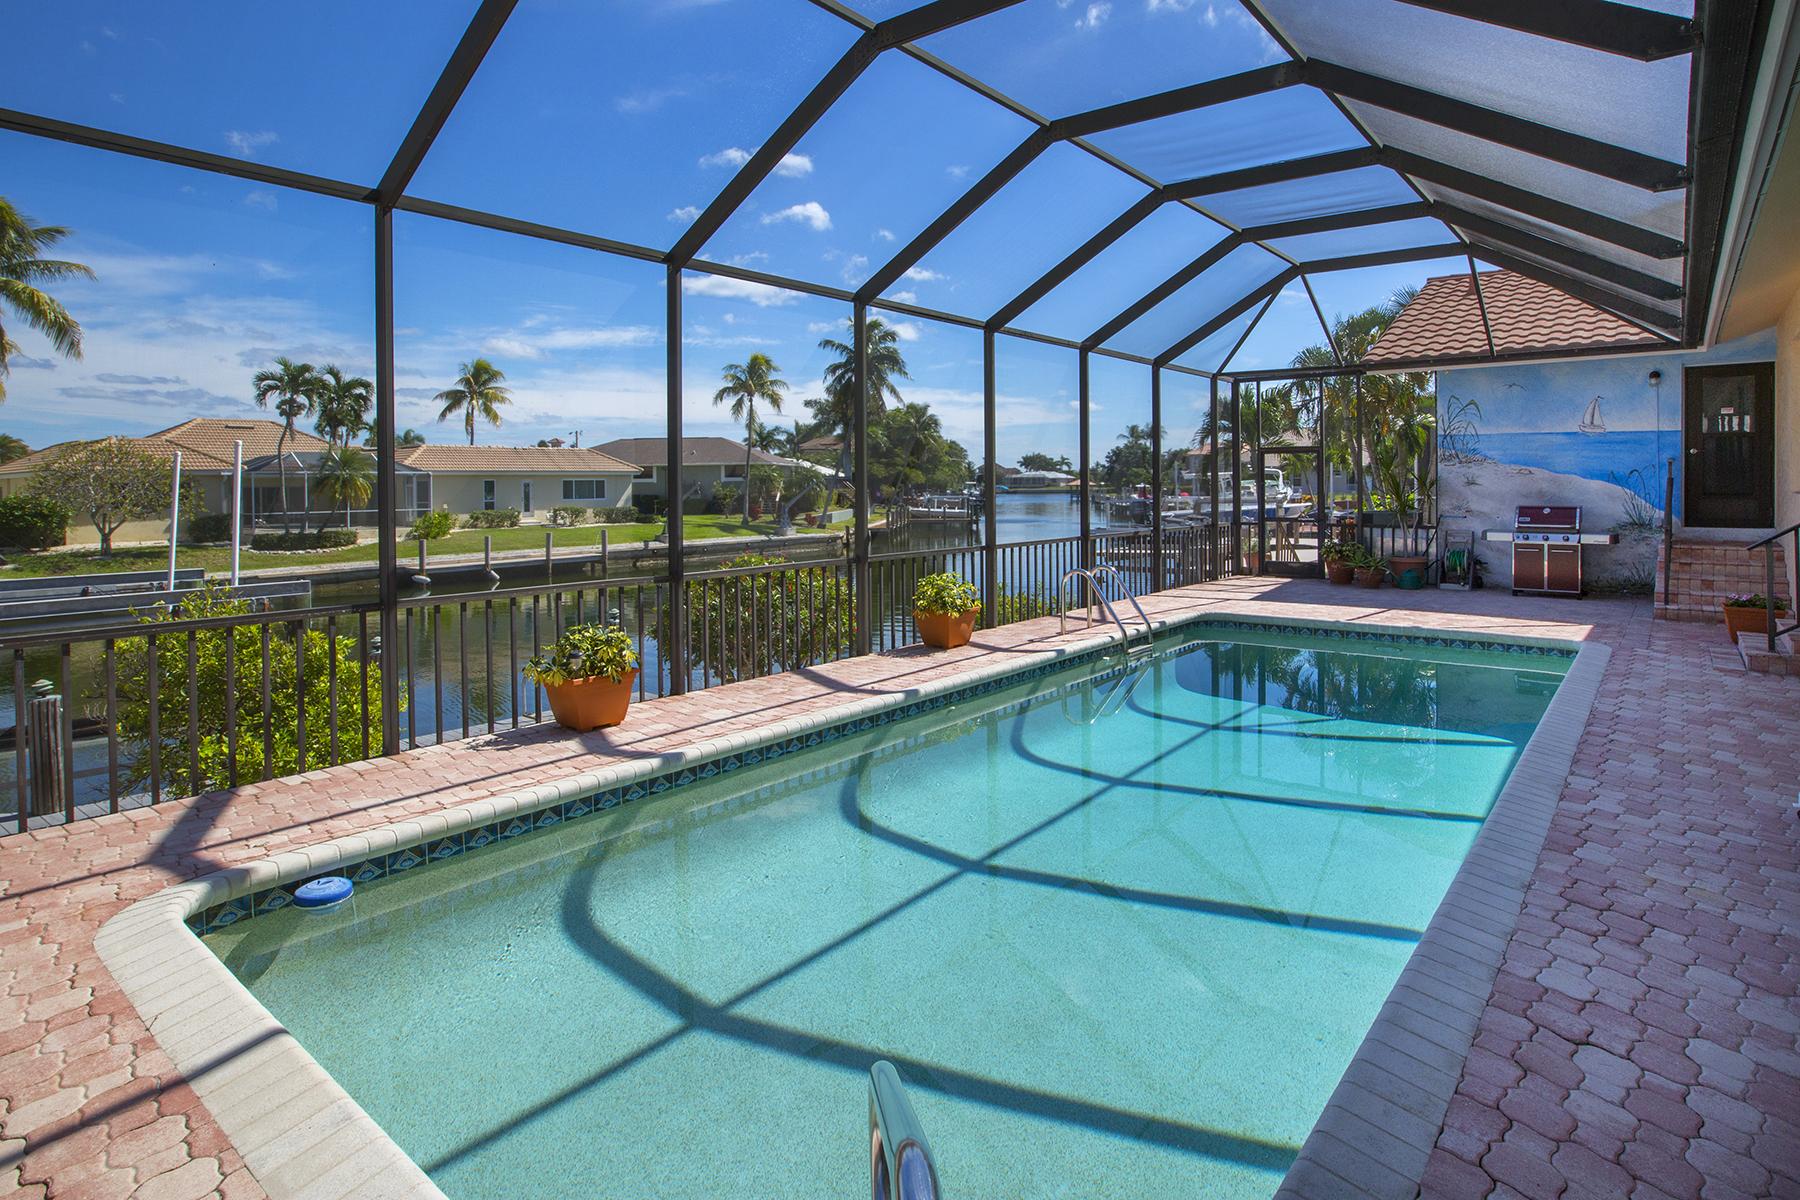 獨棟家庭住宅 為 出售 在 MARCO ISLAND - DAN RIVER COURT 179 Dan River Ct Marco Island, 佛羅里達州, 34145 美國